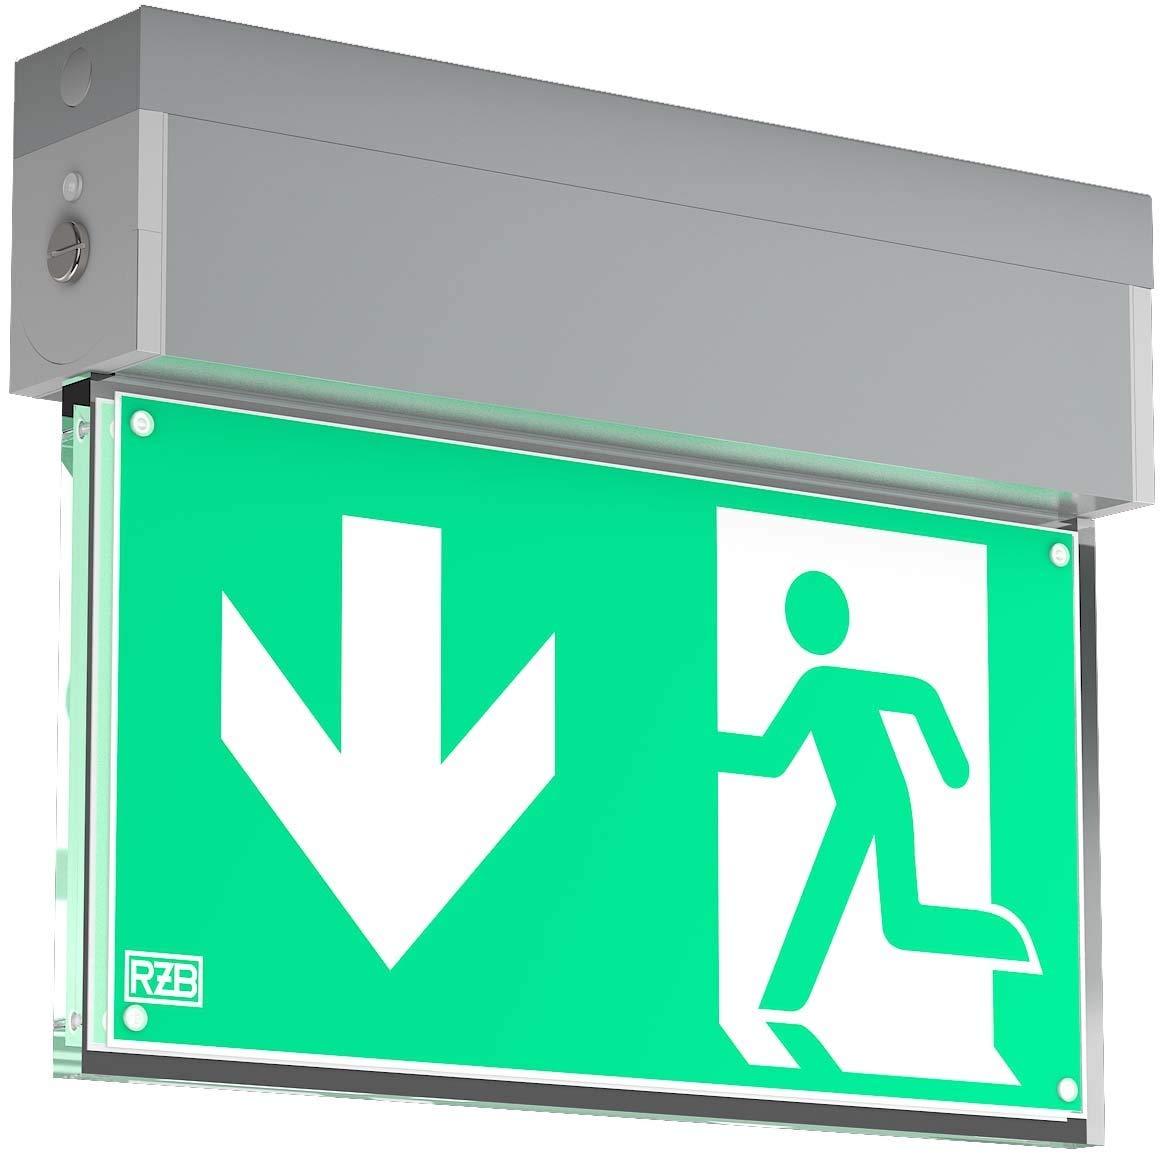 RZB Zimmermann LED-Wand Decken Notleuchte 671983.004.1 GSUN Universal-S Universal-S Sicherheitsleuchte 4051859109068